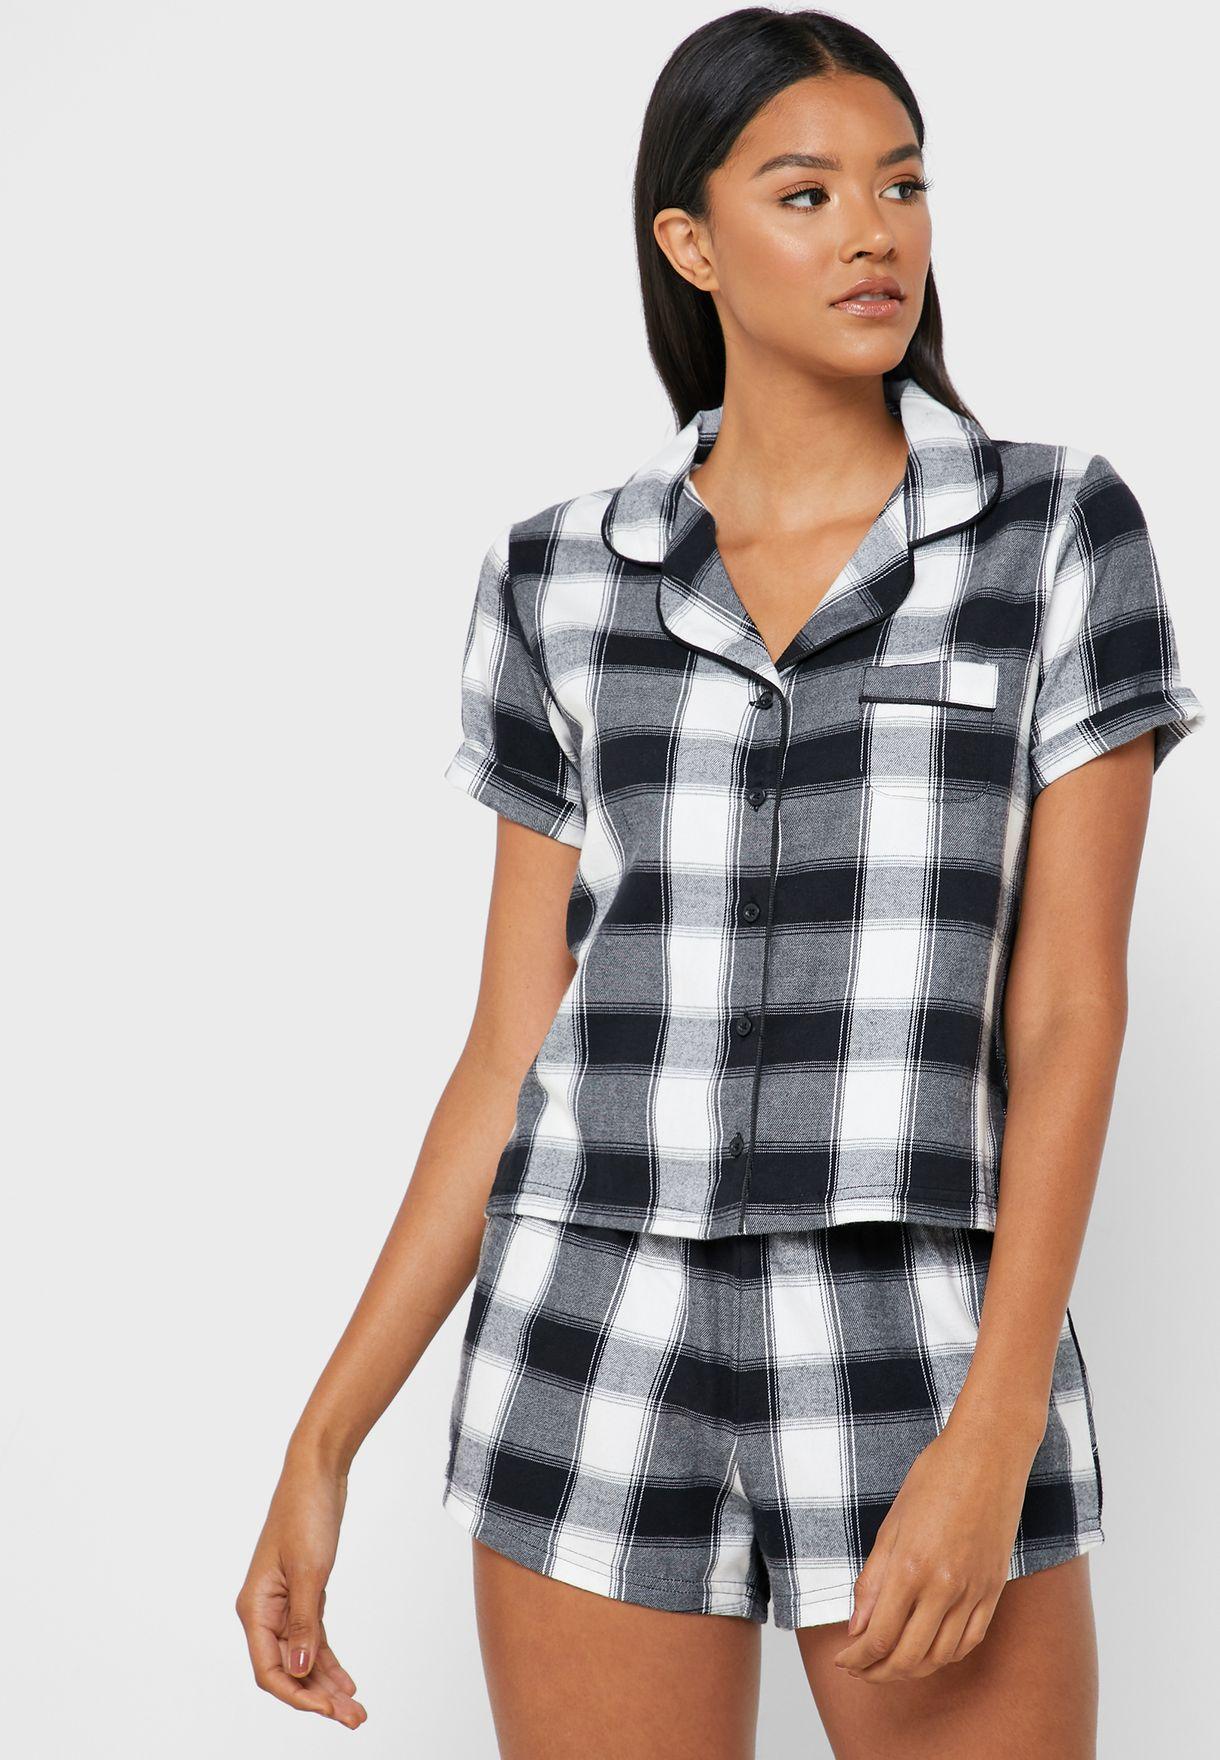 Checked Shirt & Short Set